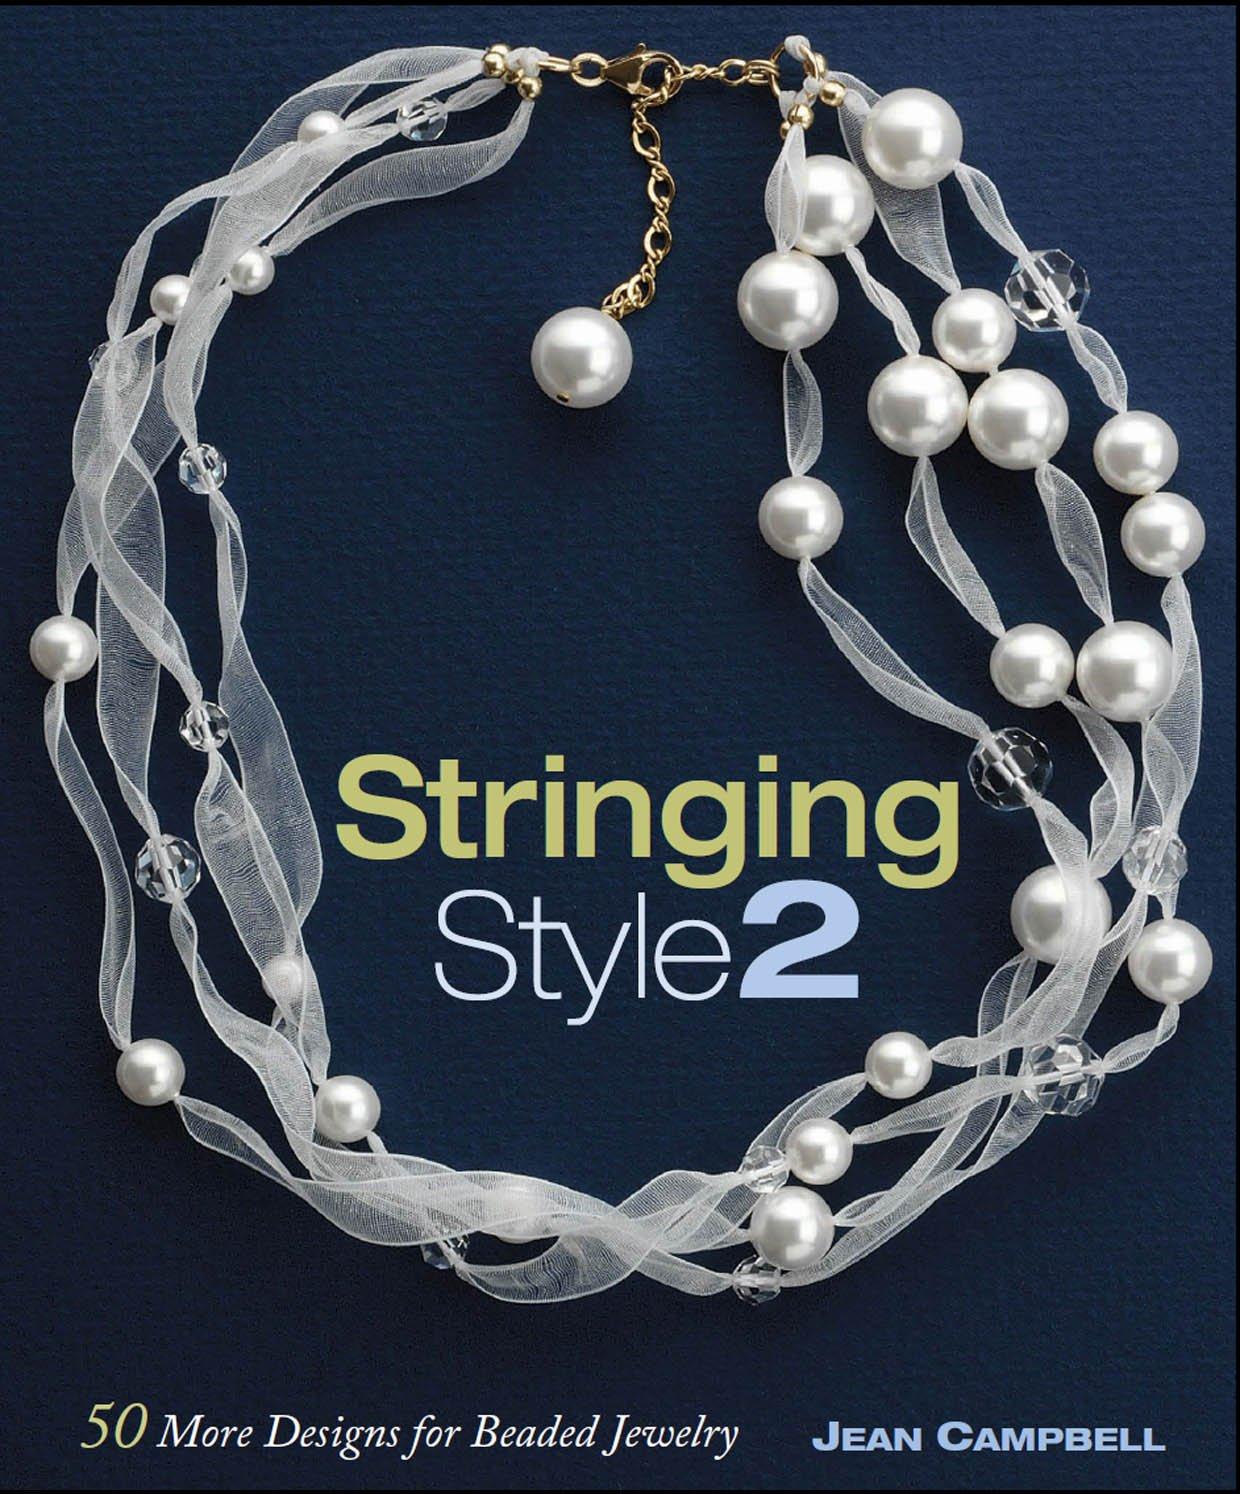 Stringing Style 2